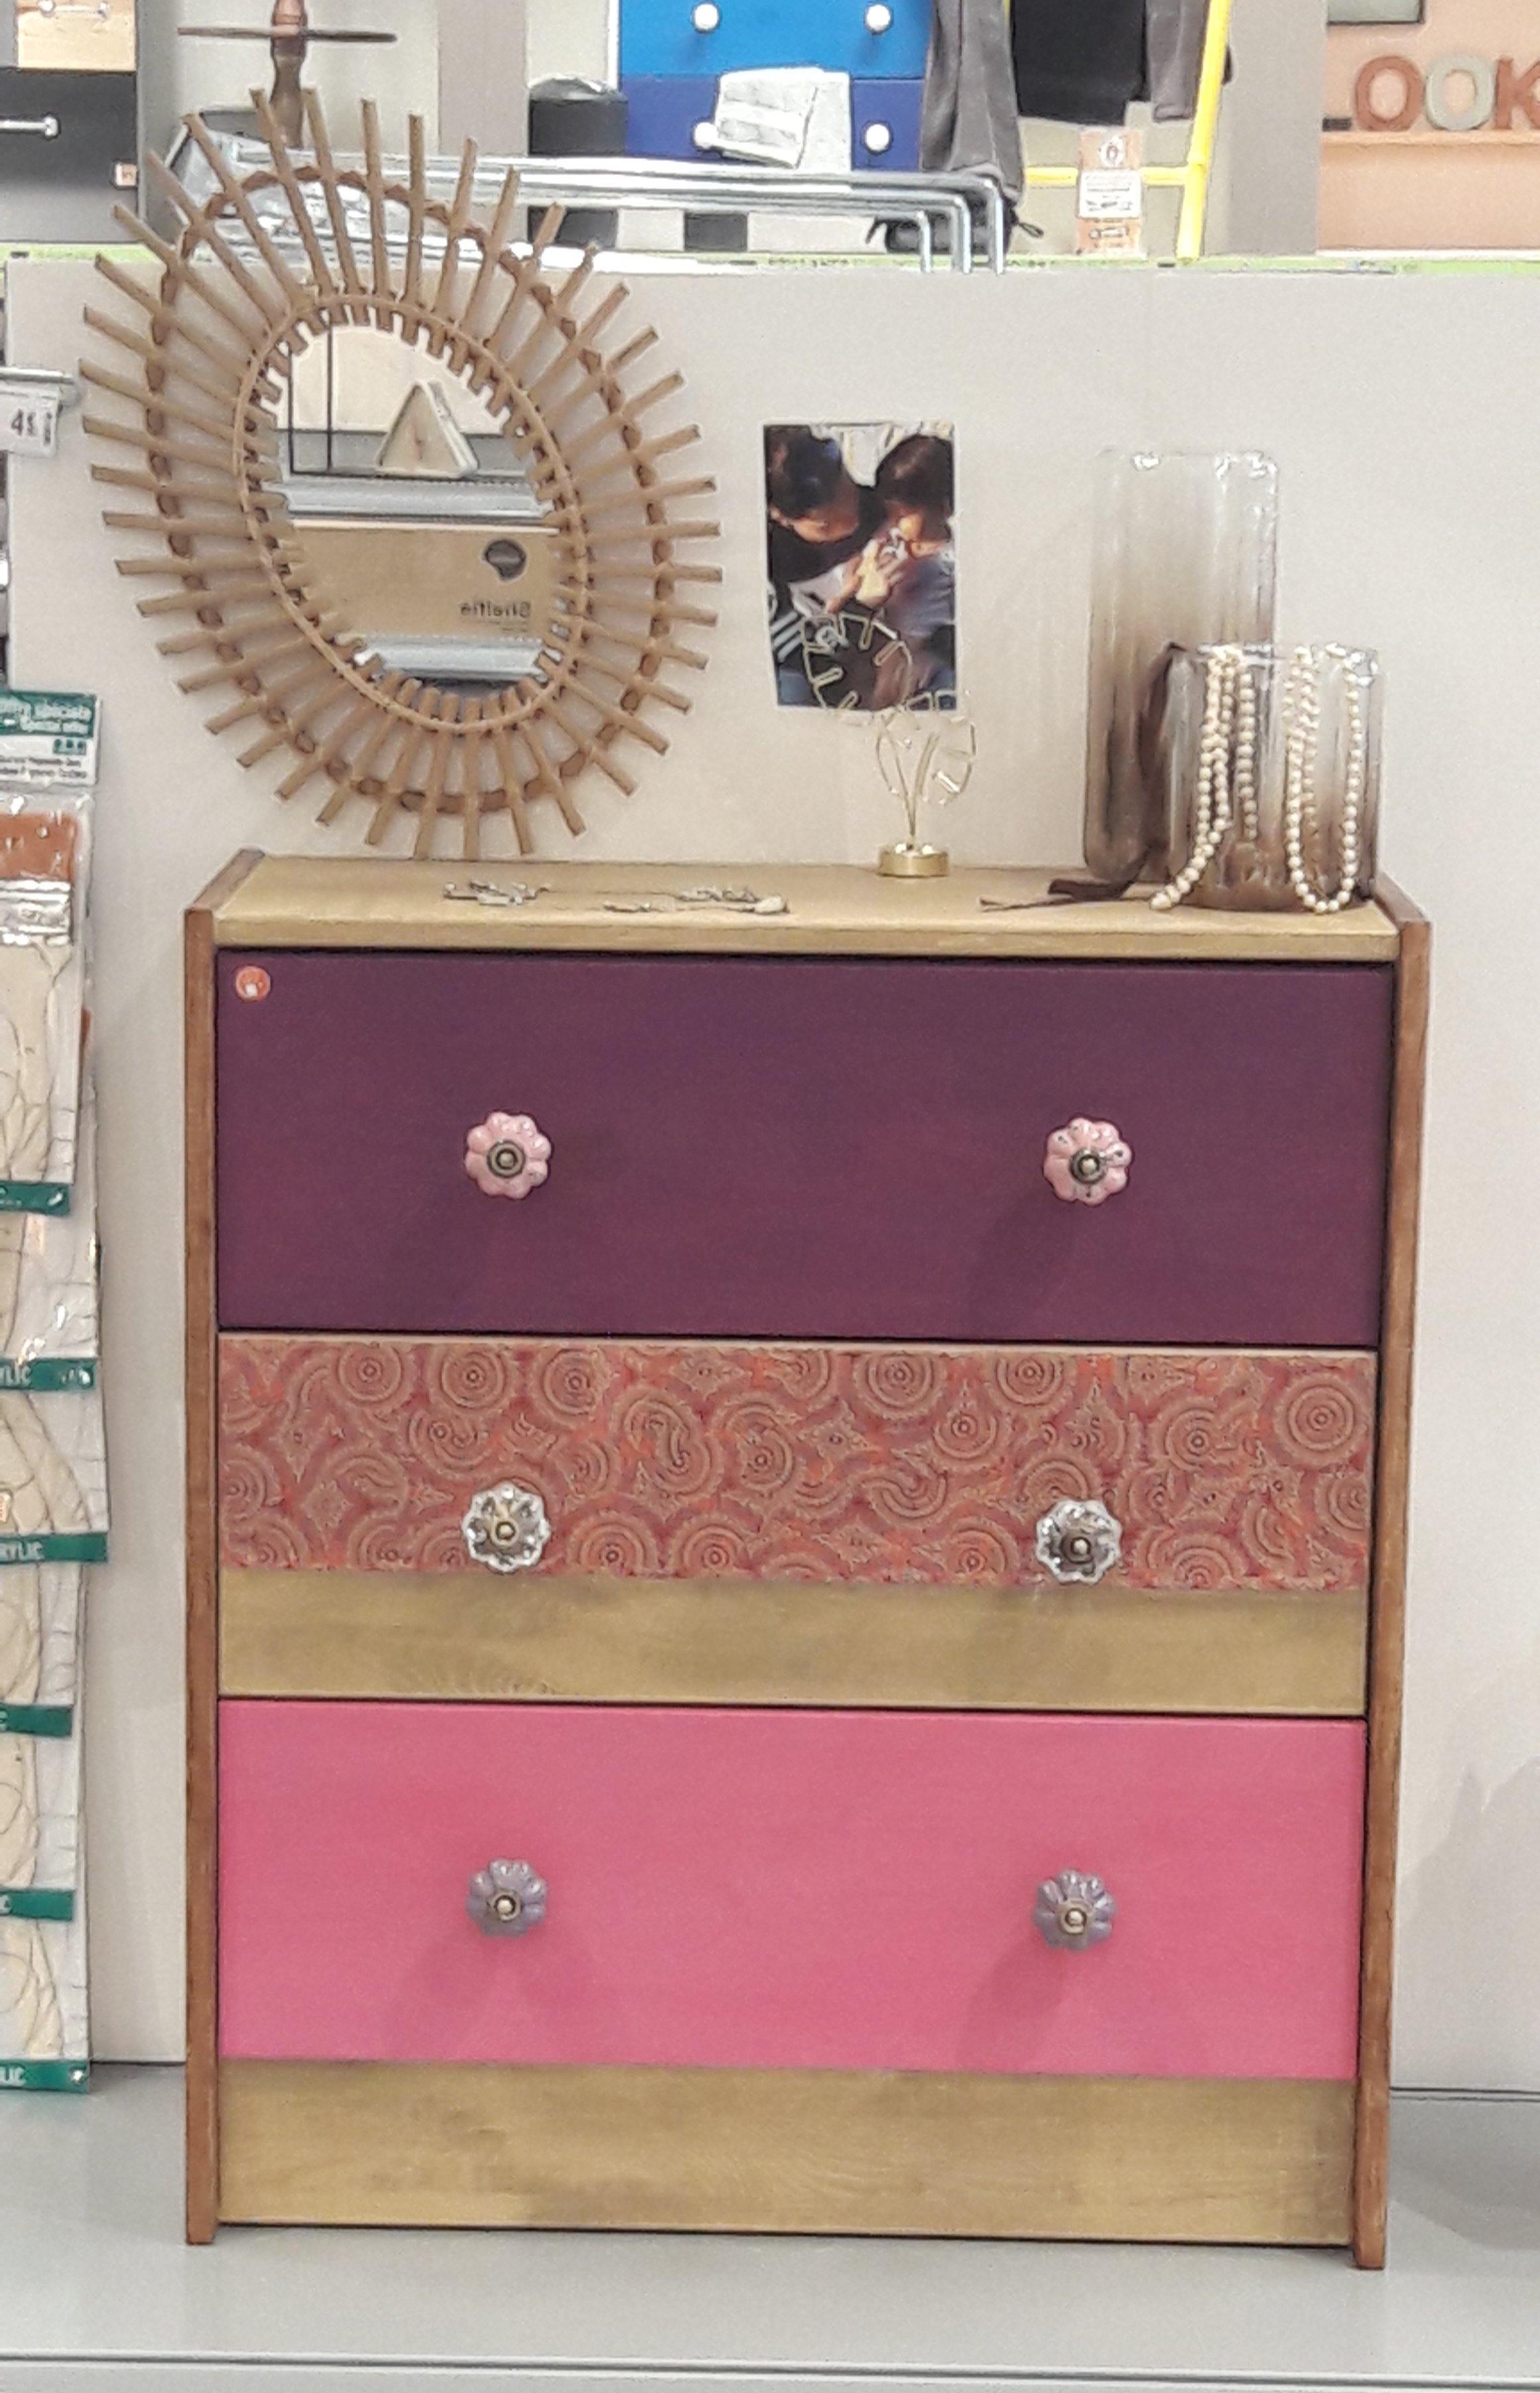 peinture a rosol mat dor e relook tout en bombe 400ml pas cher z dio. Black Bedroom Furniture Sets. Home Design Ideas